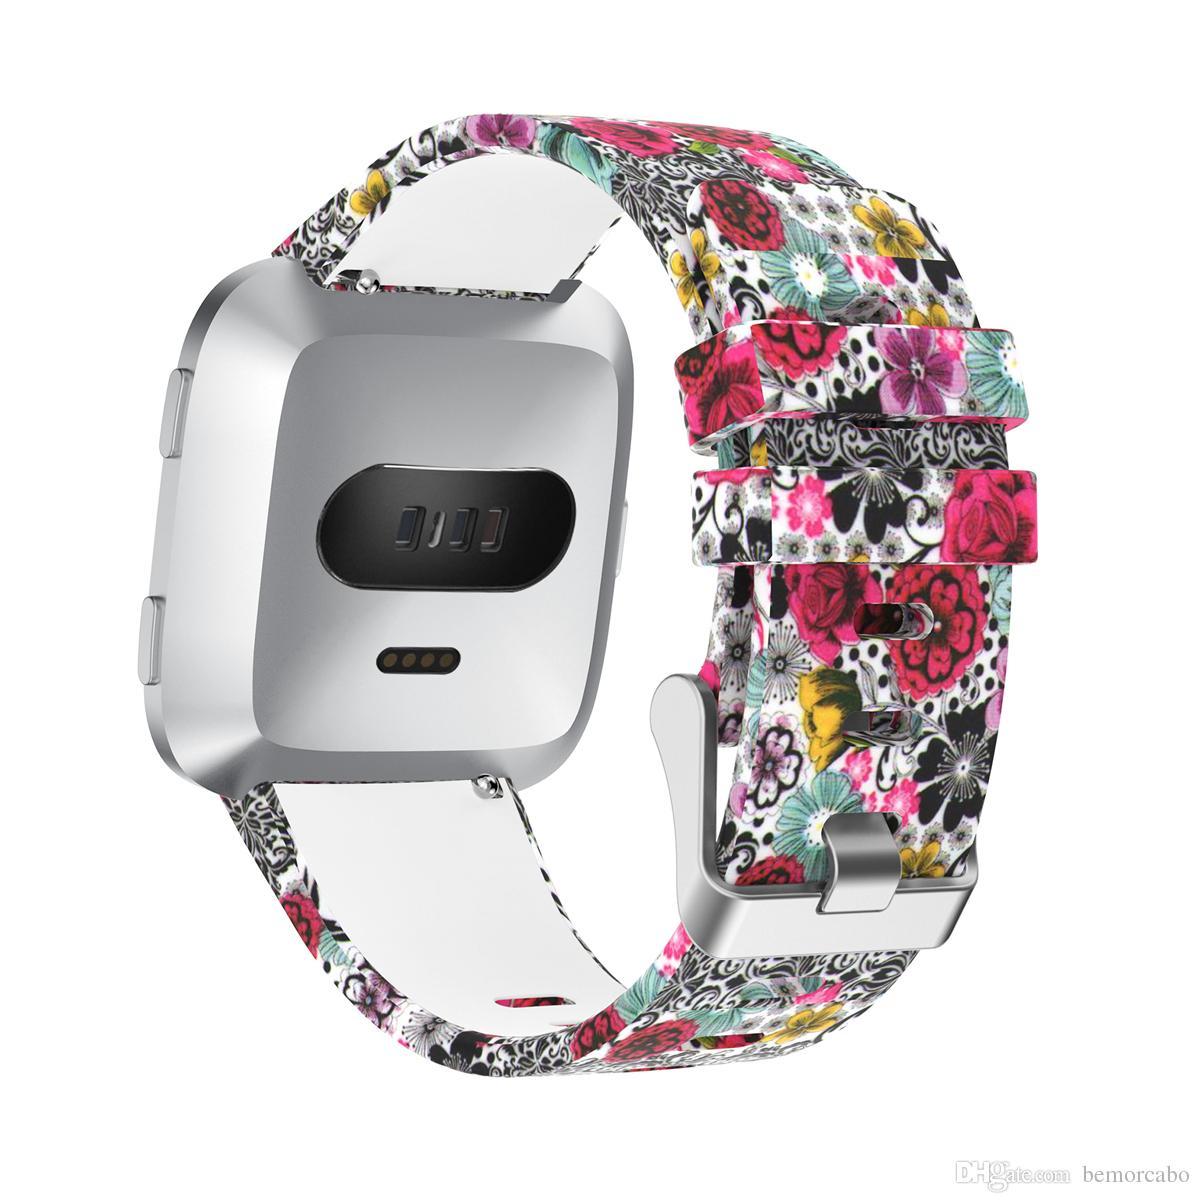 для полос Fibtbit Versa, замена печатных Мягкий силиконовый Спортивный ремешок браслет ремешок для 2018 Fitbit Versa смарт-часы, малый размер